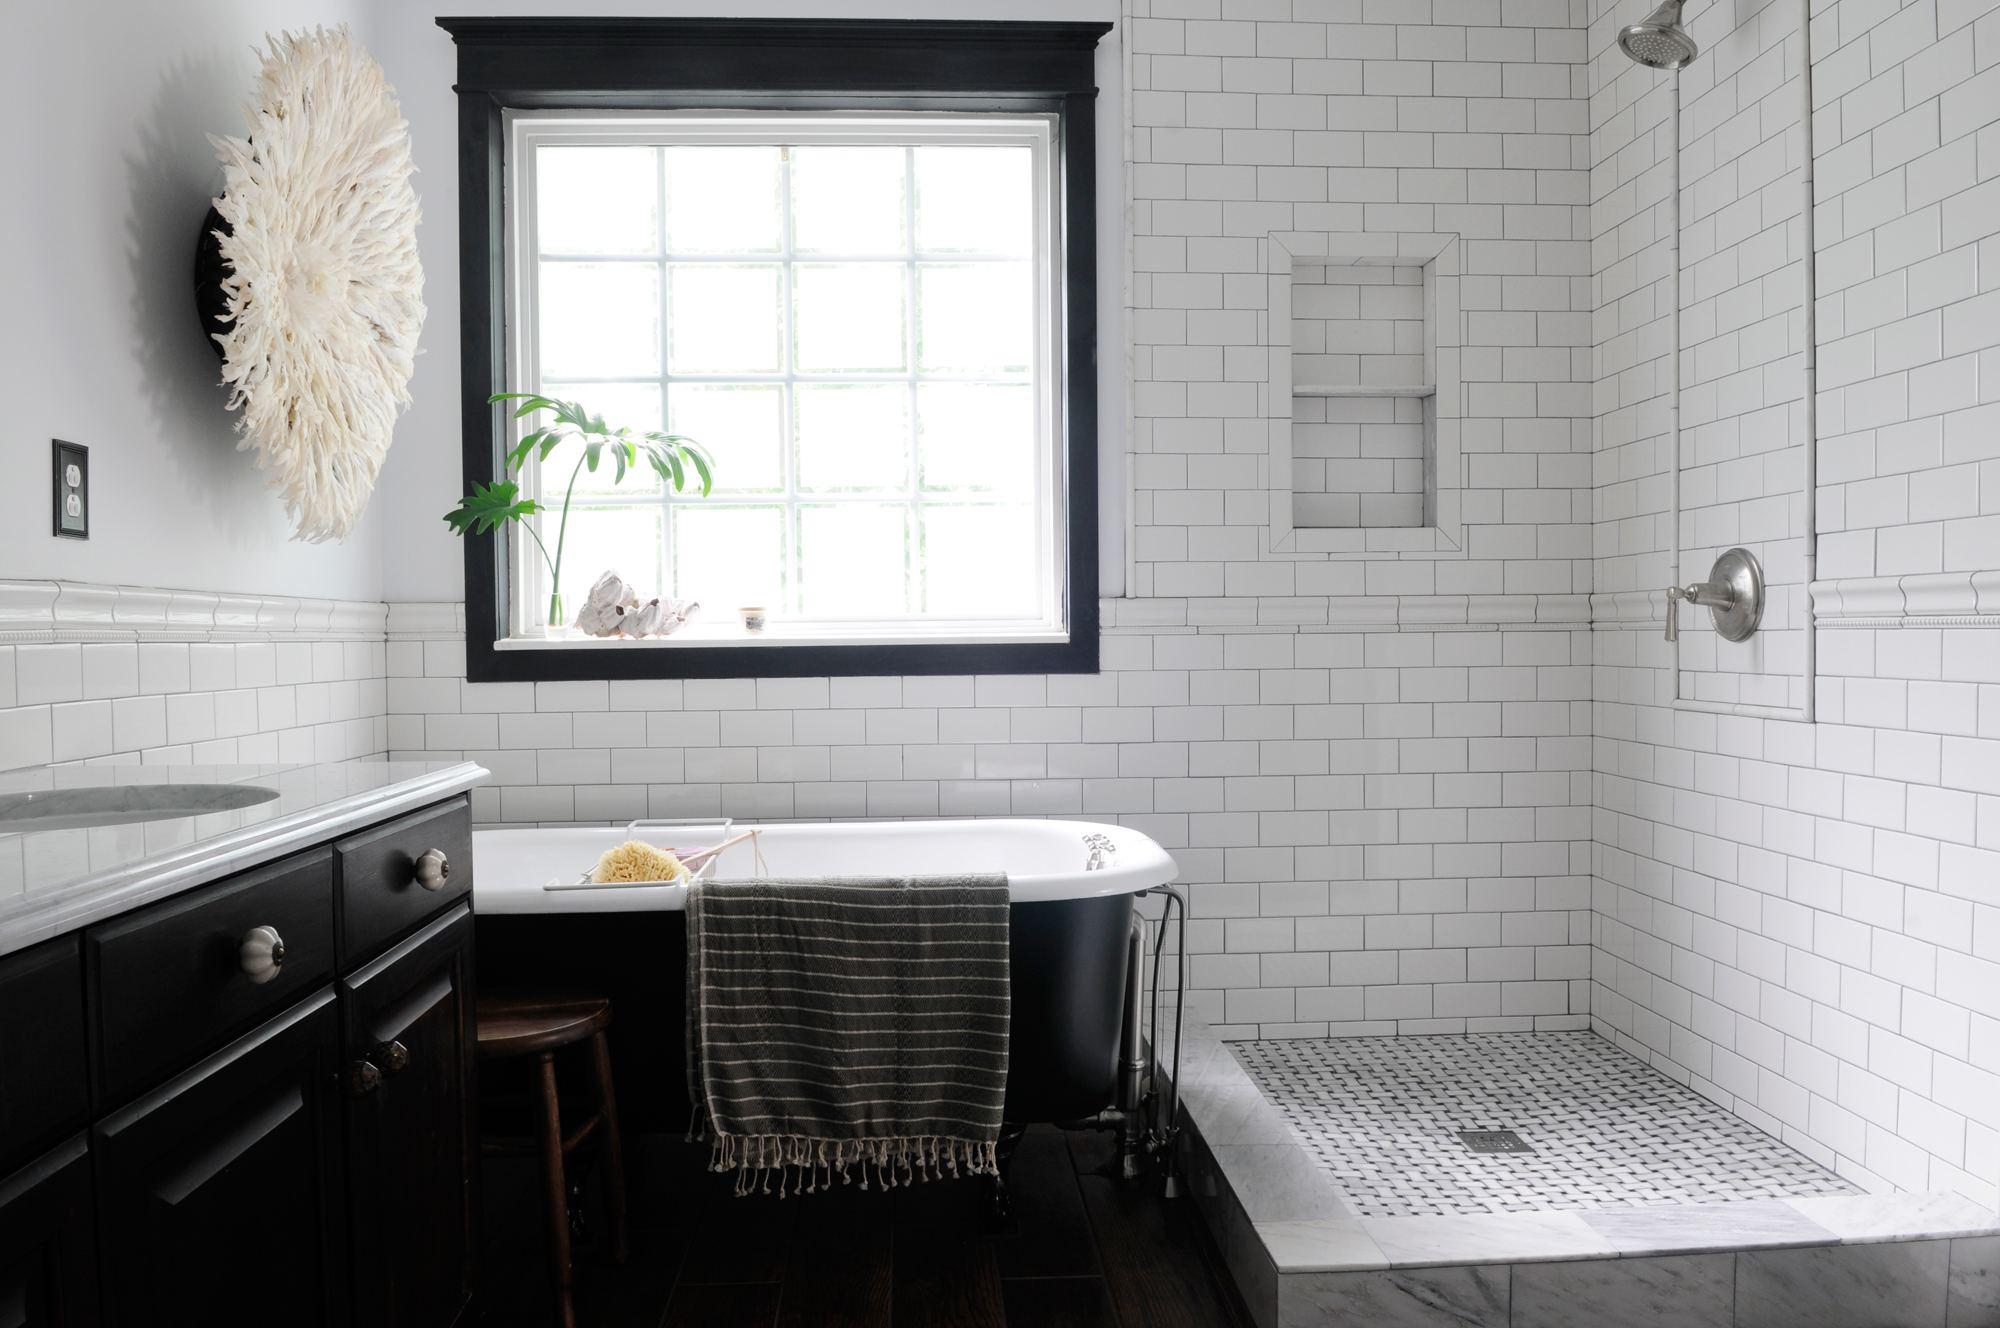 Ванная комната черно-белого цвета при мягком освещении